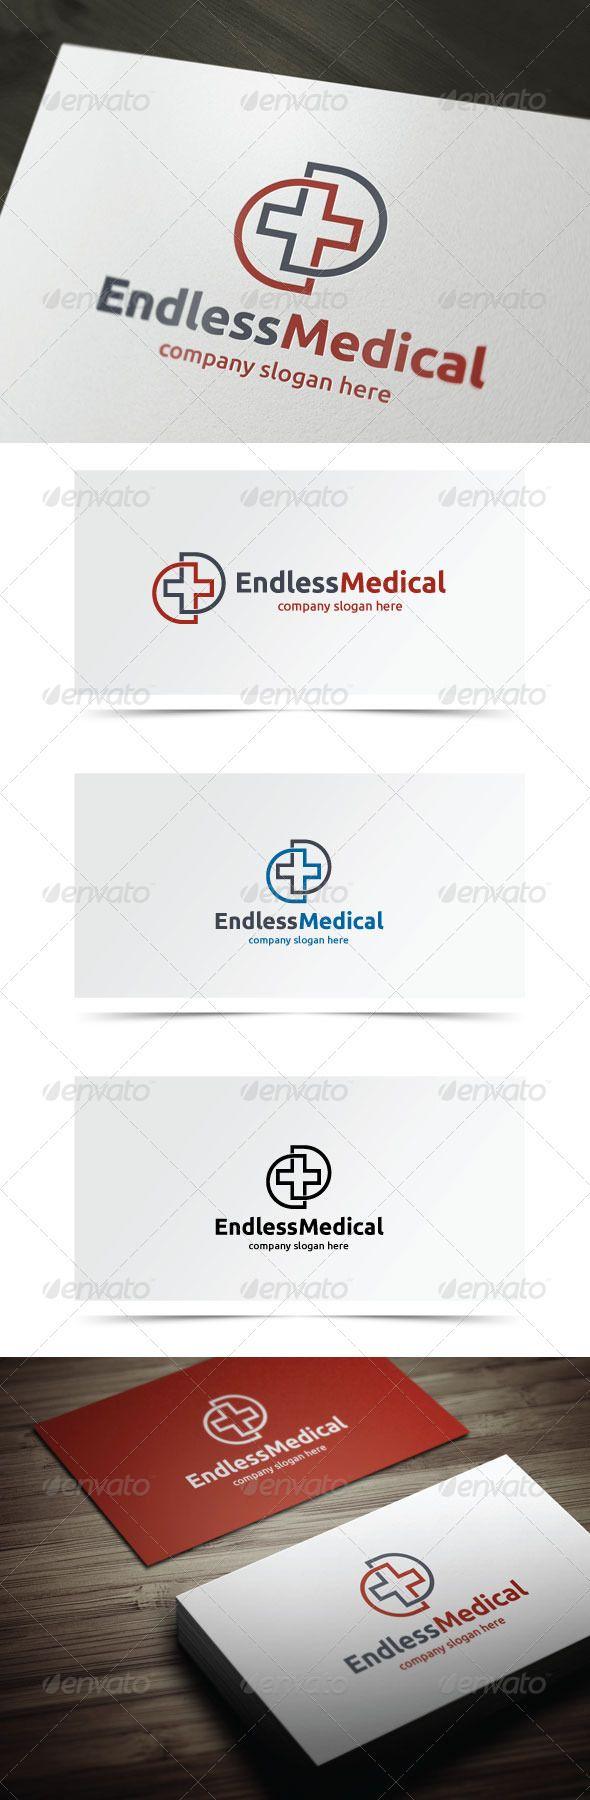 Endless Medical Clinic logo, Logo design template, Logo